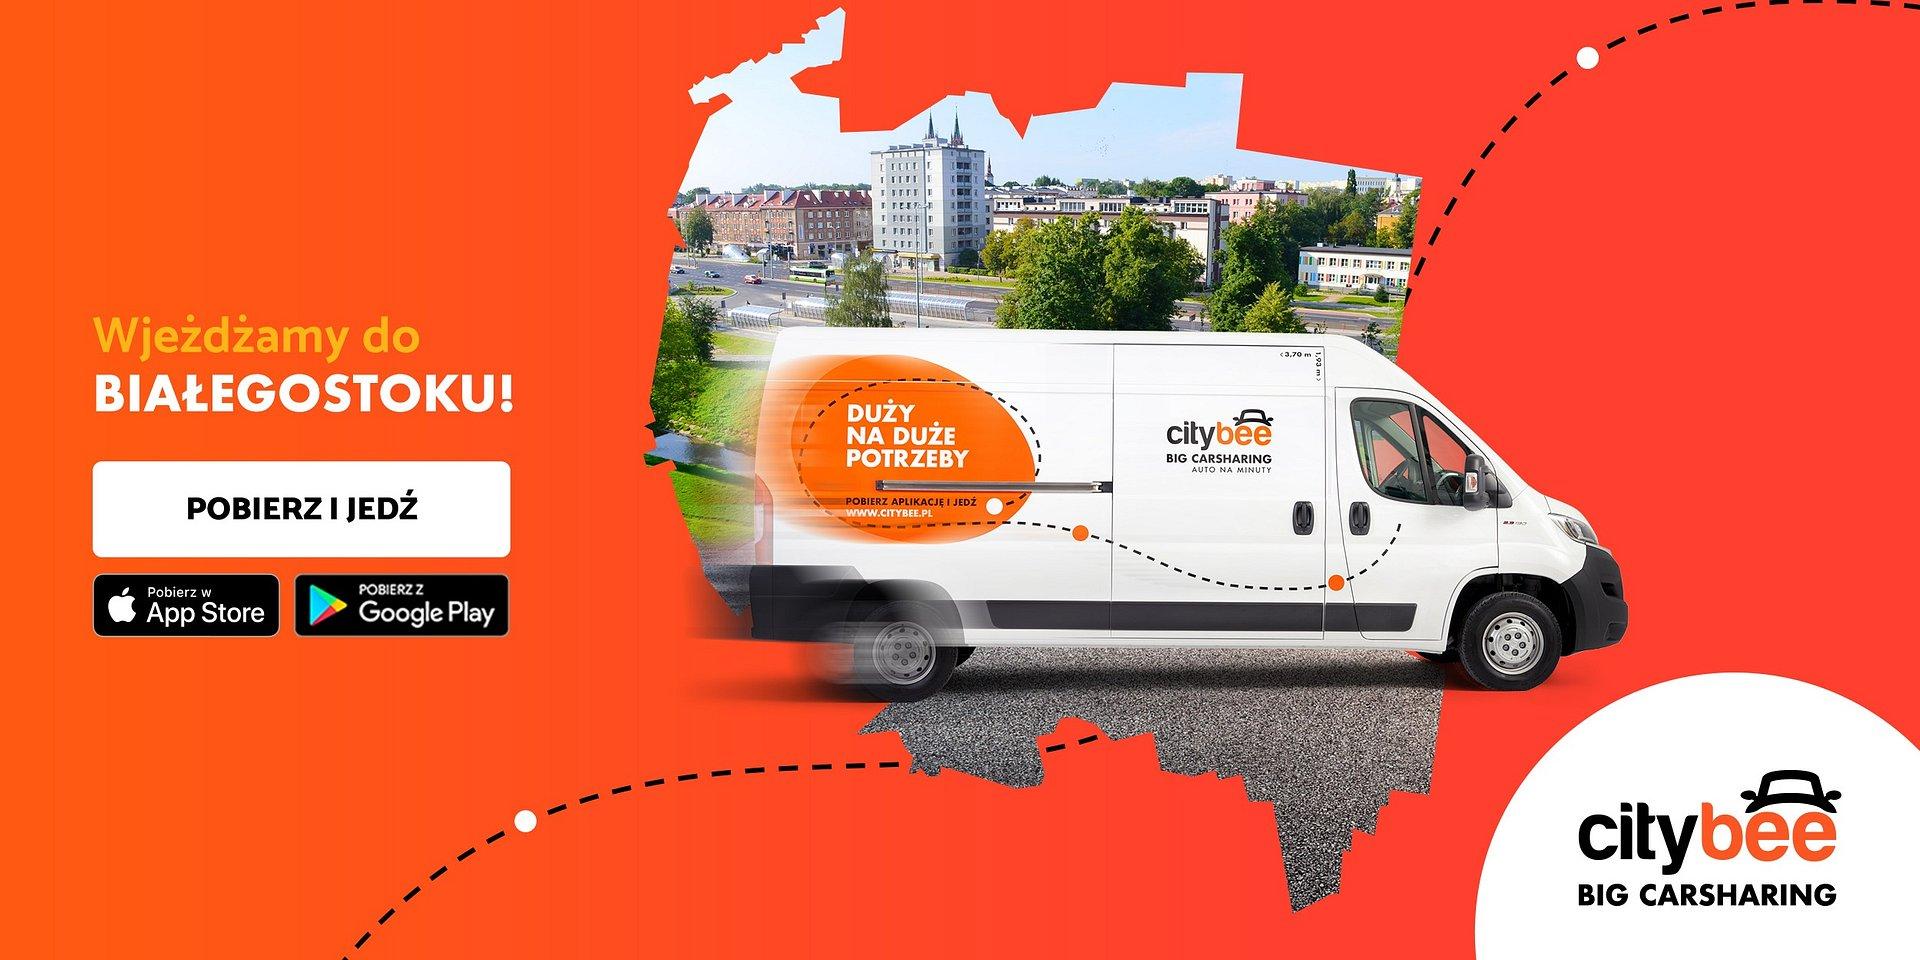 CityBee wjeżdża do Białegostoku! Startuje wynajem dostawczaków na minuty